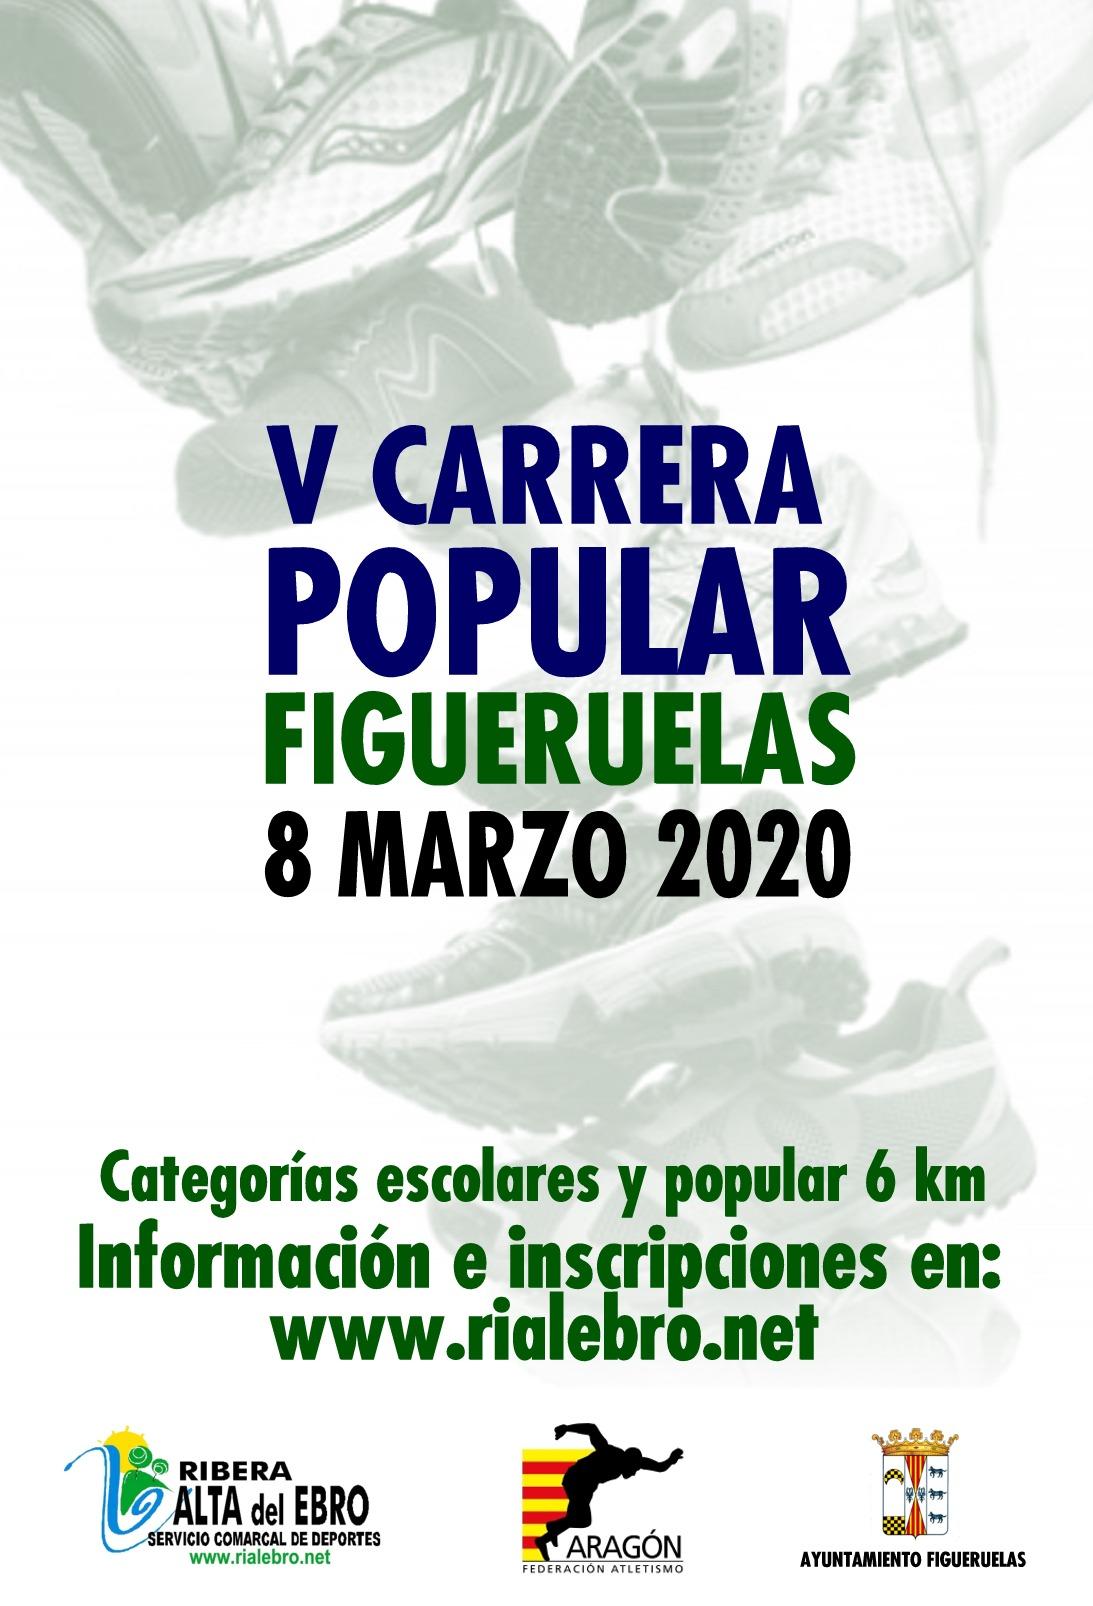 V CARRERA DE FIGUERUELAS